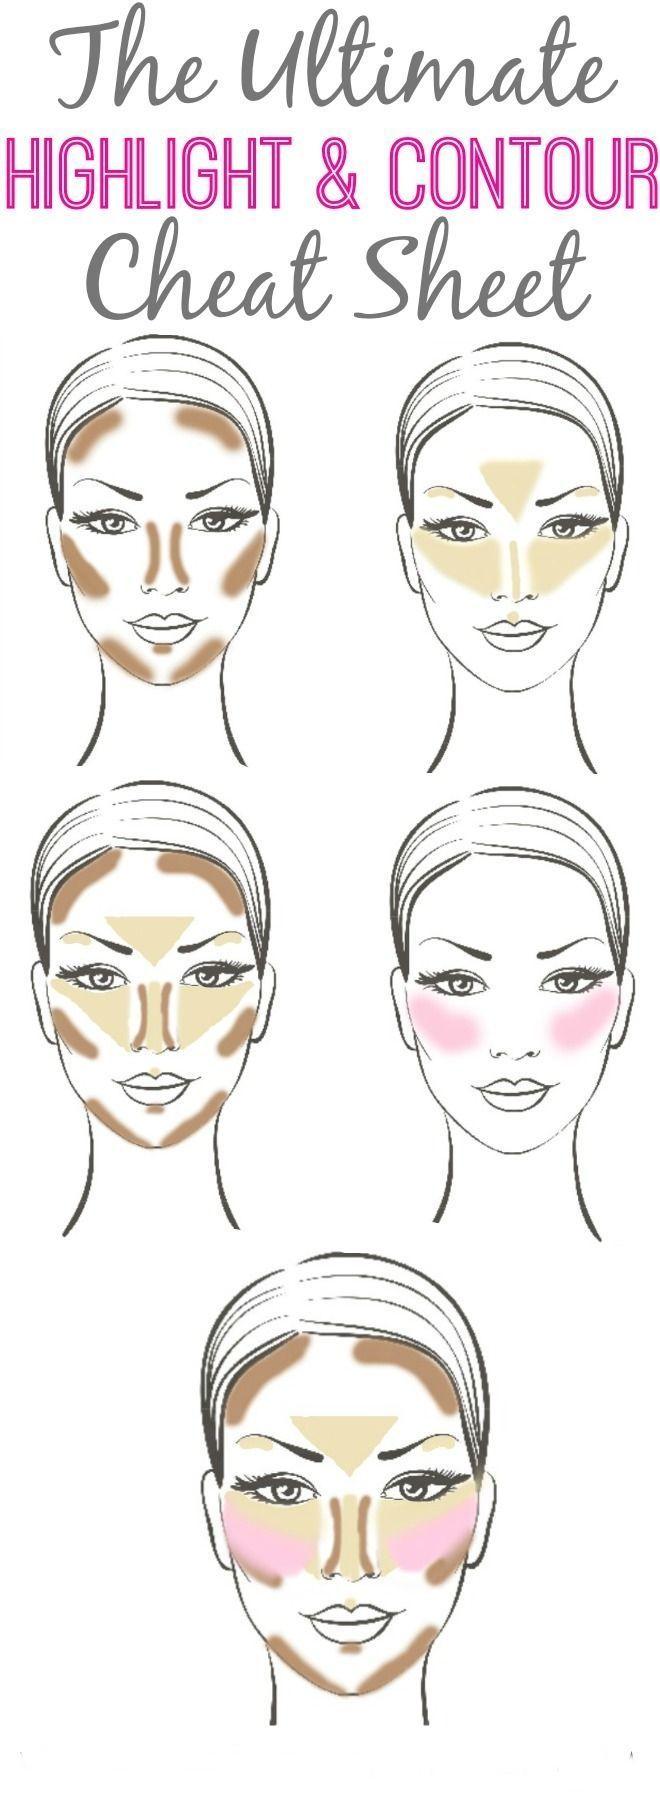 Fetelor, in poza de mai jos veti vedea cum sa va puneti in evidenta trasaturile fetei si sa creati un make-up perfect pentru fizionomia voastra.  #makeup #beauty #tips